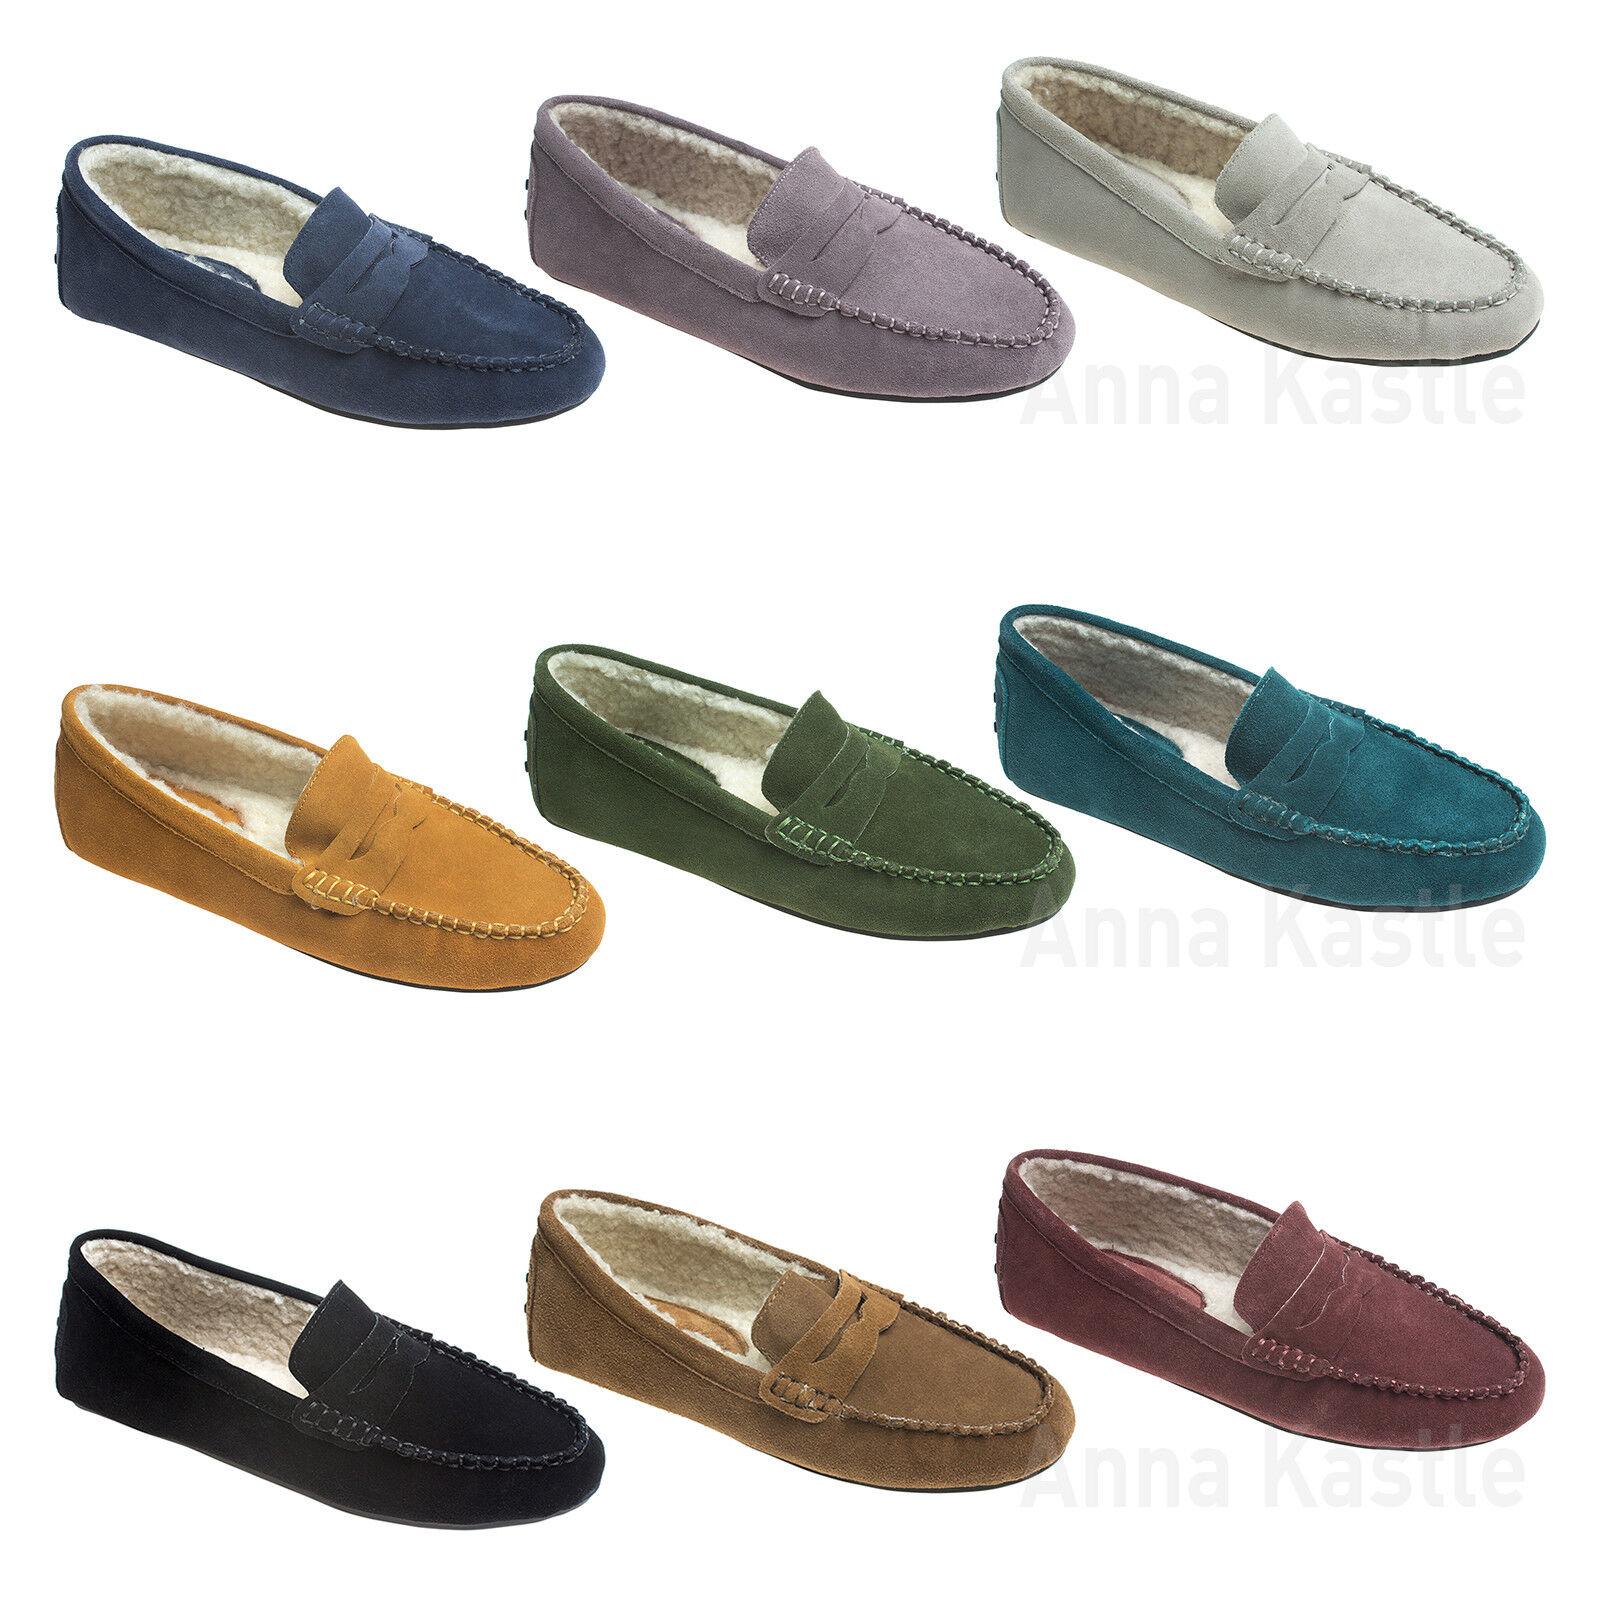 Cuero Gamuza para mujer Shearling AnnaKastle Mocasín Mocasín Conducción Zapatos Zapatos Zapatos Penny  buscando agente de ventas